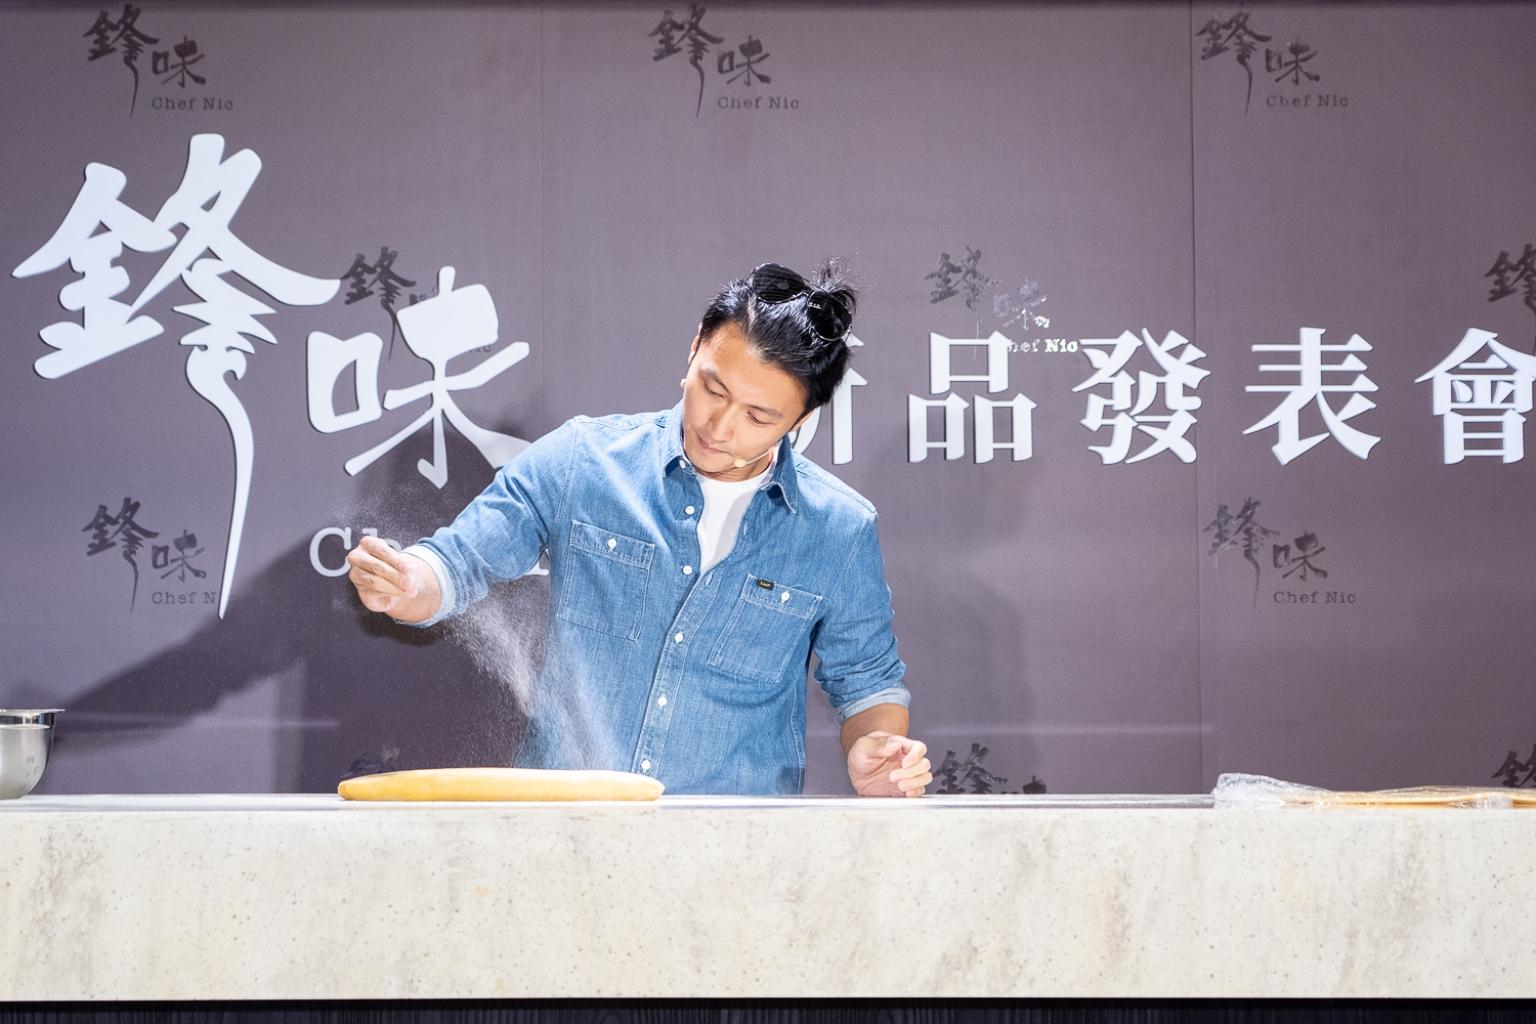 Chef Nic親自示範甩麵糰、撒麵粉,展現大廚本色